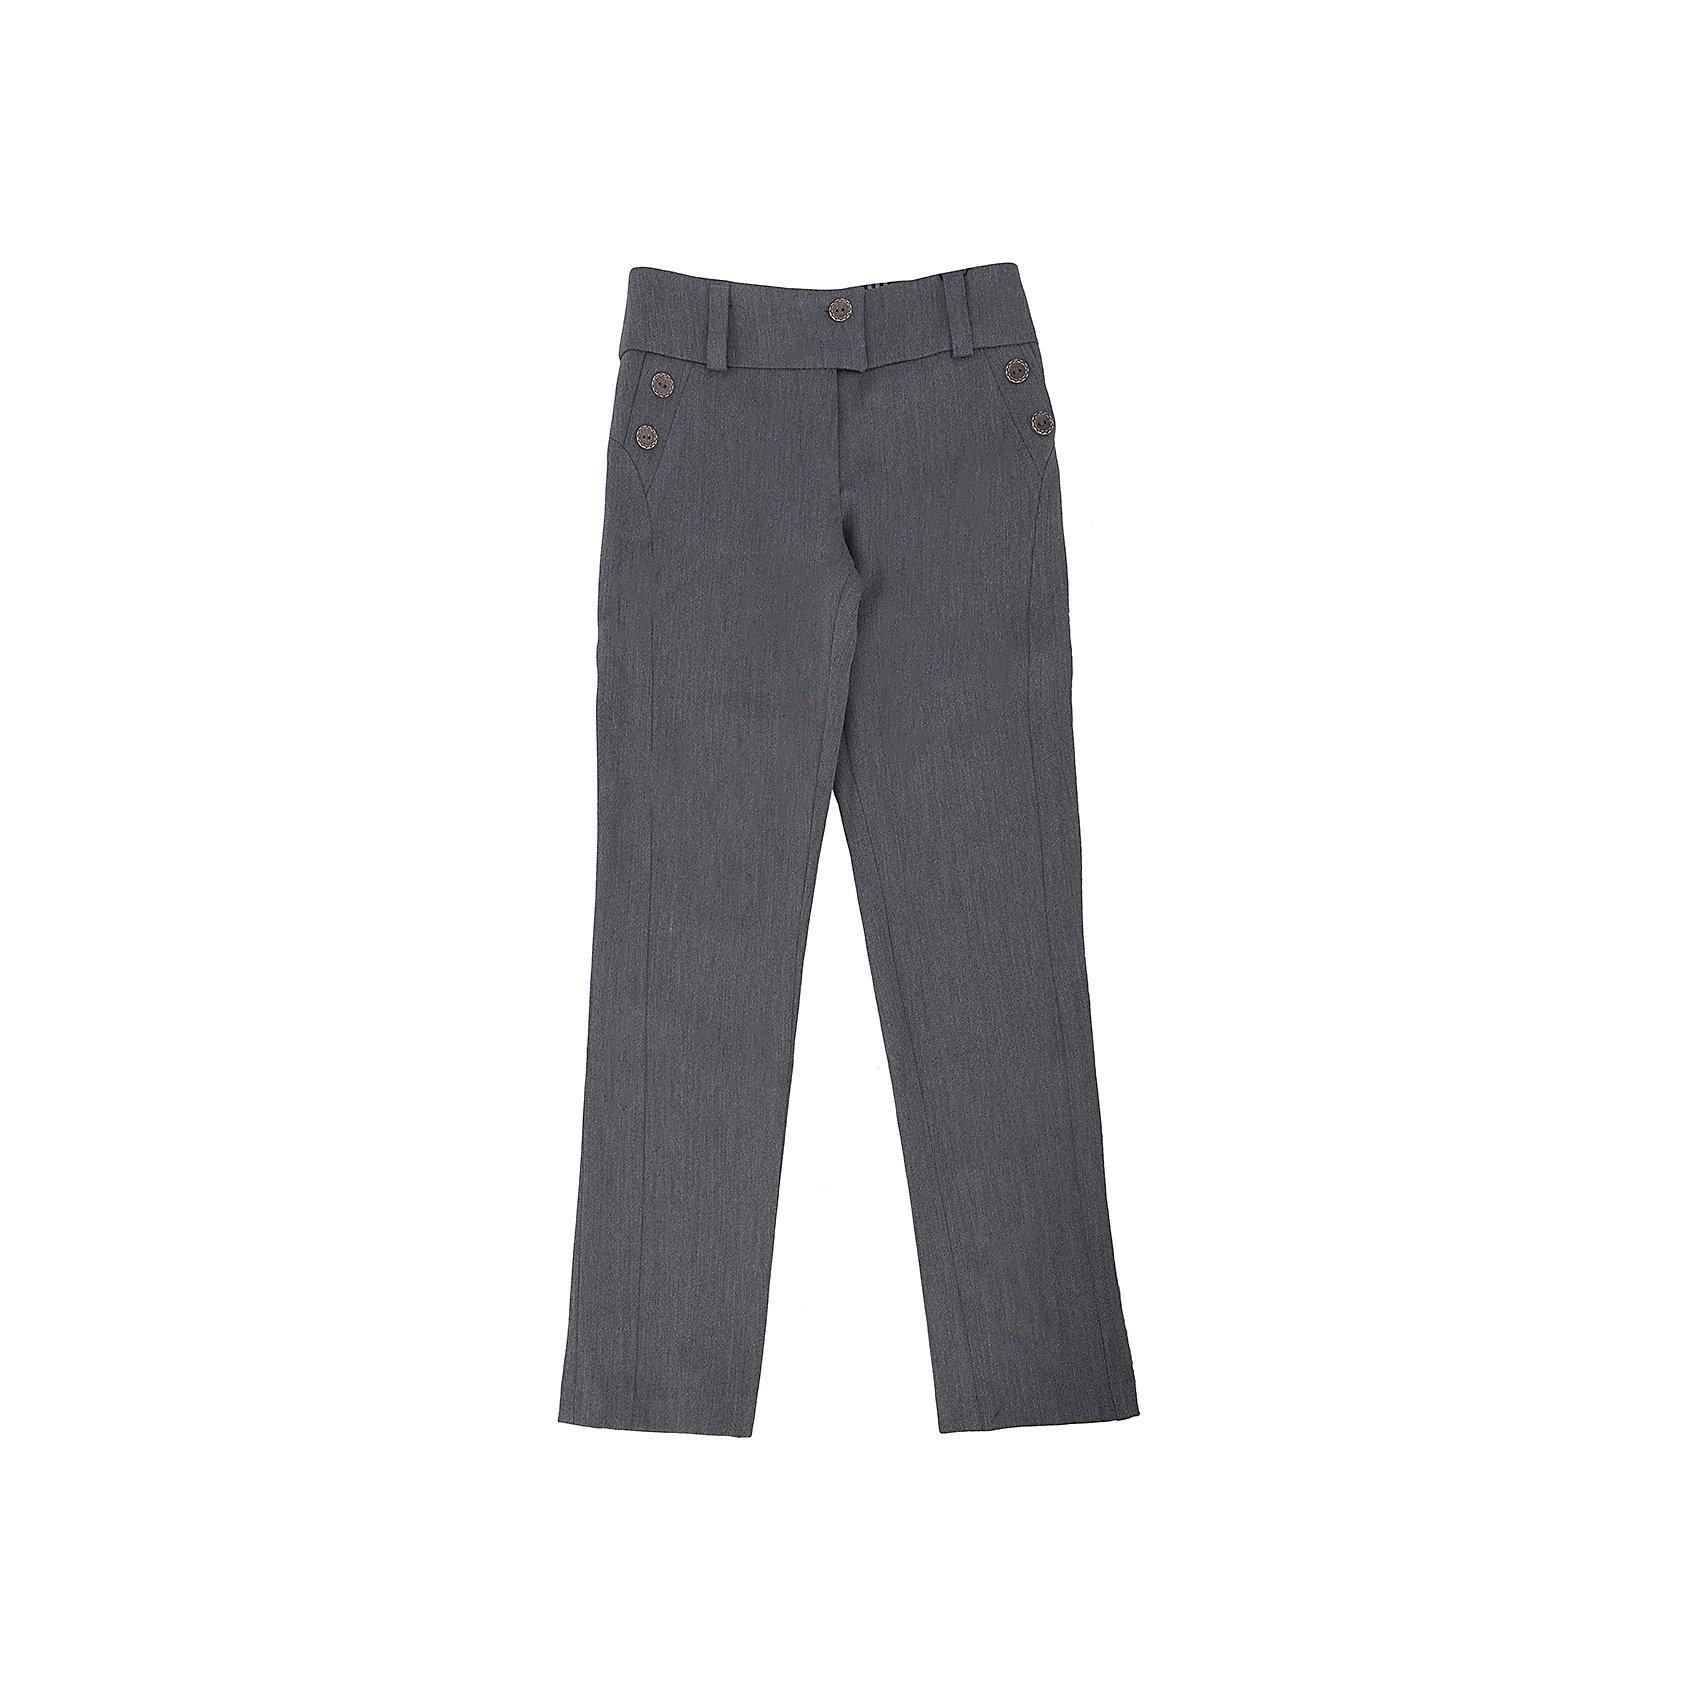 Брюки для девочки Диана SkylakeБрюки для девочки Диана от известного бренда Skylake<br>Зауженные брюки на широком поясе, выполнены из однотонной ткани .<br>Пояс брюк с застежкой на две пуговицы. Застежка - гульфик на  молнии. <br>Шлевки пояса выполнены из ткани-компаньона в клетку. <br>На задних и передних половинках брюк  имеются вертикальные  рельефные швы.<br>Бочки передних половинок брюк выполнены из ткани в клетку и оформлены<br>декоративным элементом с пуговицами. <br>Состав:<br>Ткань верха:60%п/э 35%виск 5%лайкра (ПУ)<br><br>Ширина мм: 215<br>Глубина мм: 88<br>Высота мм: 191<br>Вес г: 336<br>Цвет: серый<br>Возраст от месяцев: 84<br>Возраст до месяцев: 96<br>Пол: Женский<br>Возраст: Детский<br>Размер: 128,128,134,146,152,158,140<br>SKU: 4709851